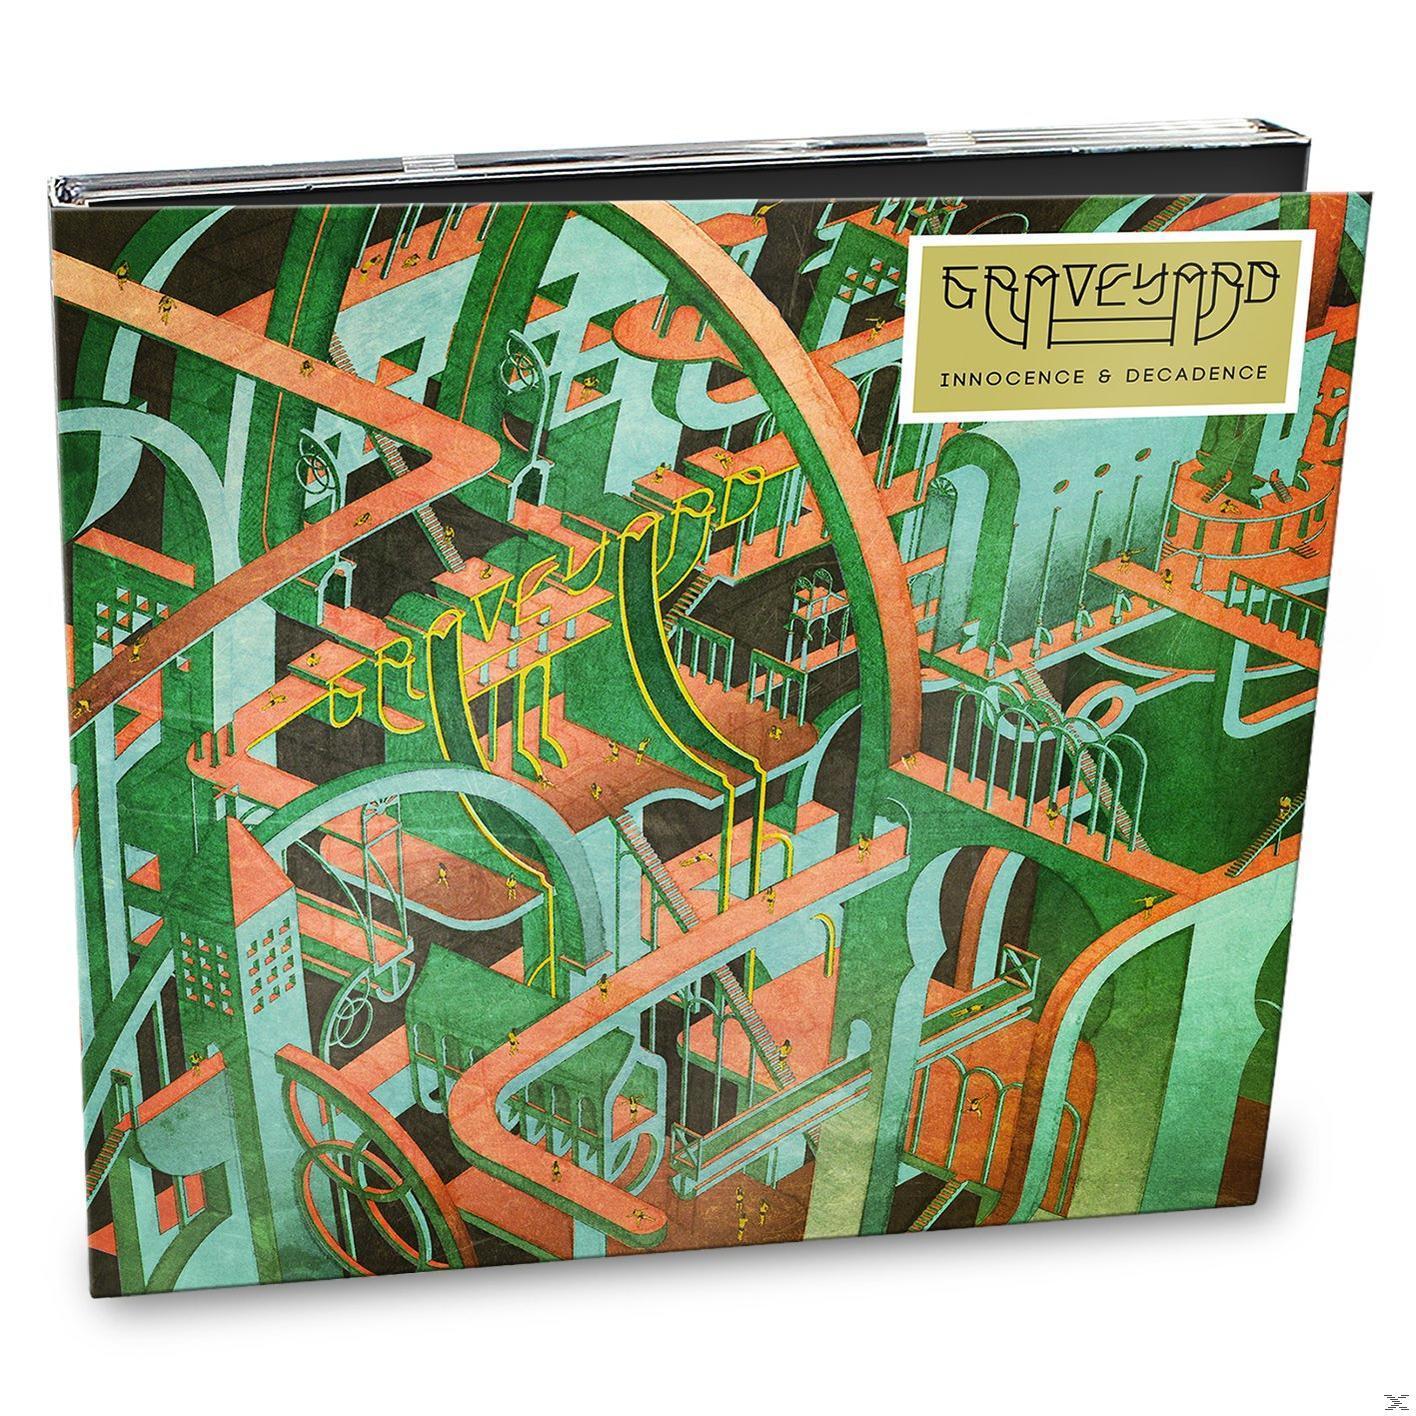 INNOCENCE & DECADENCE (CD DIGI)